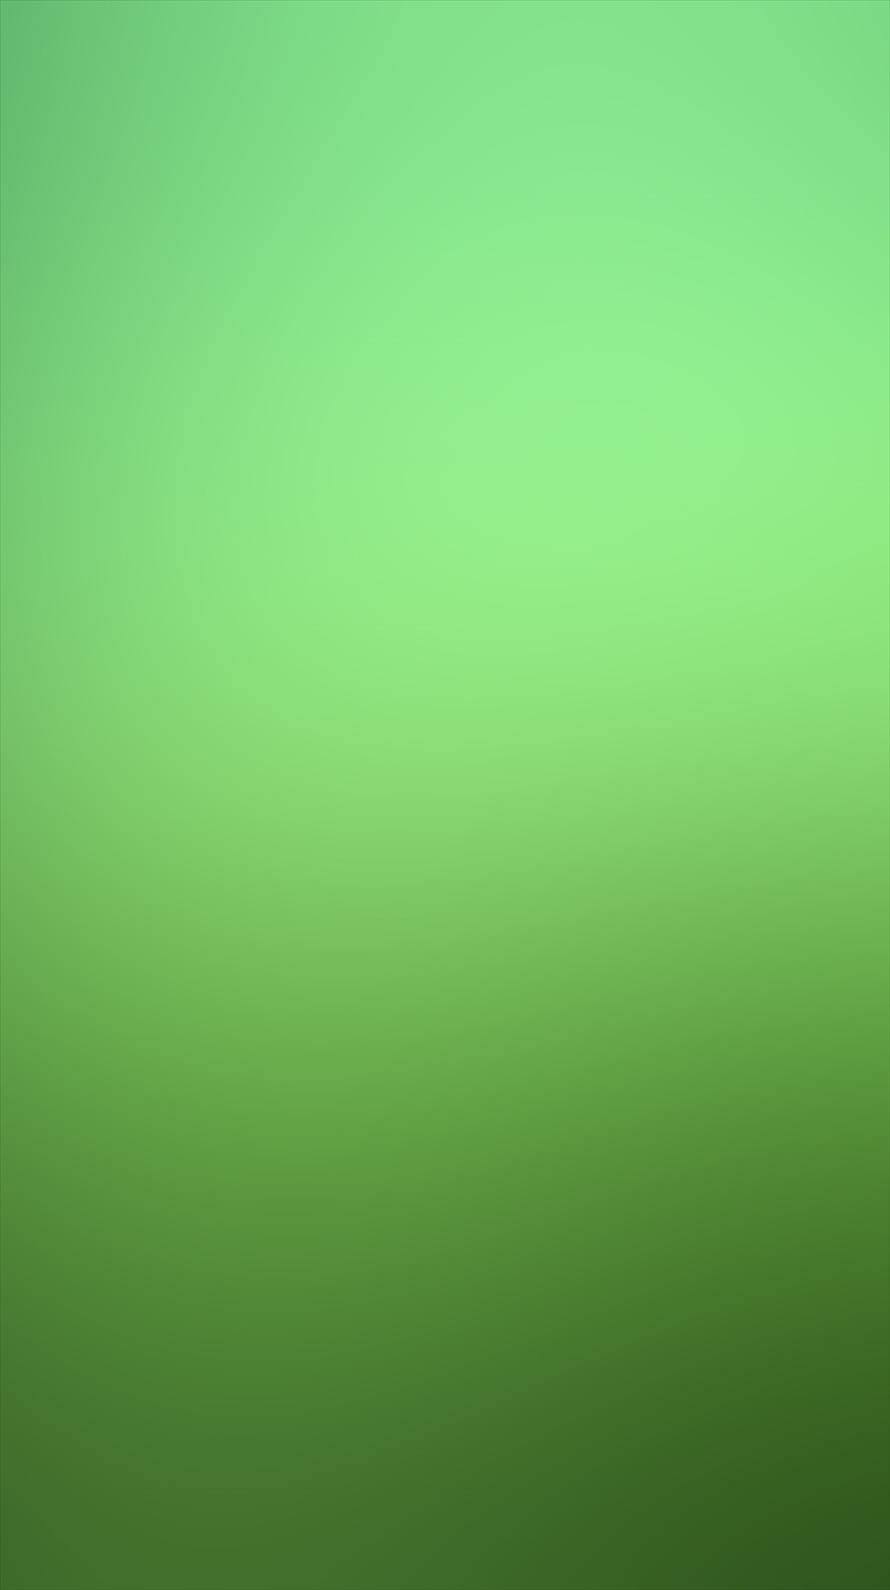 シンプルな緑のグラデーション i...